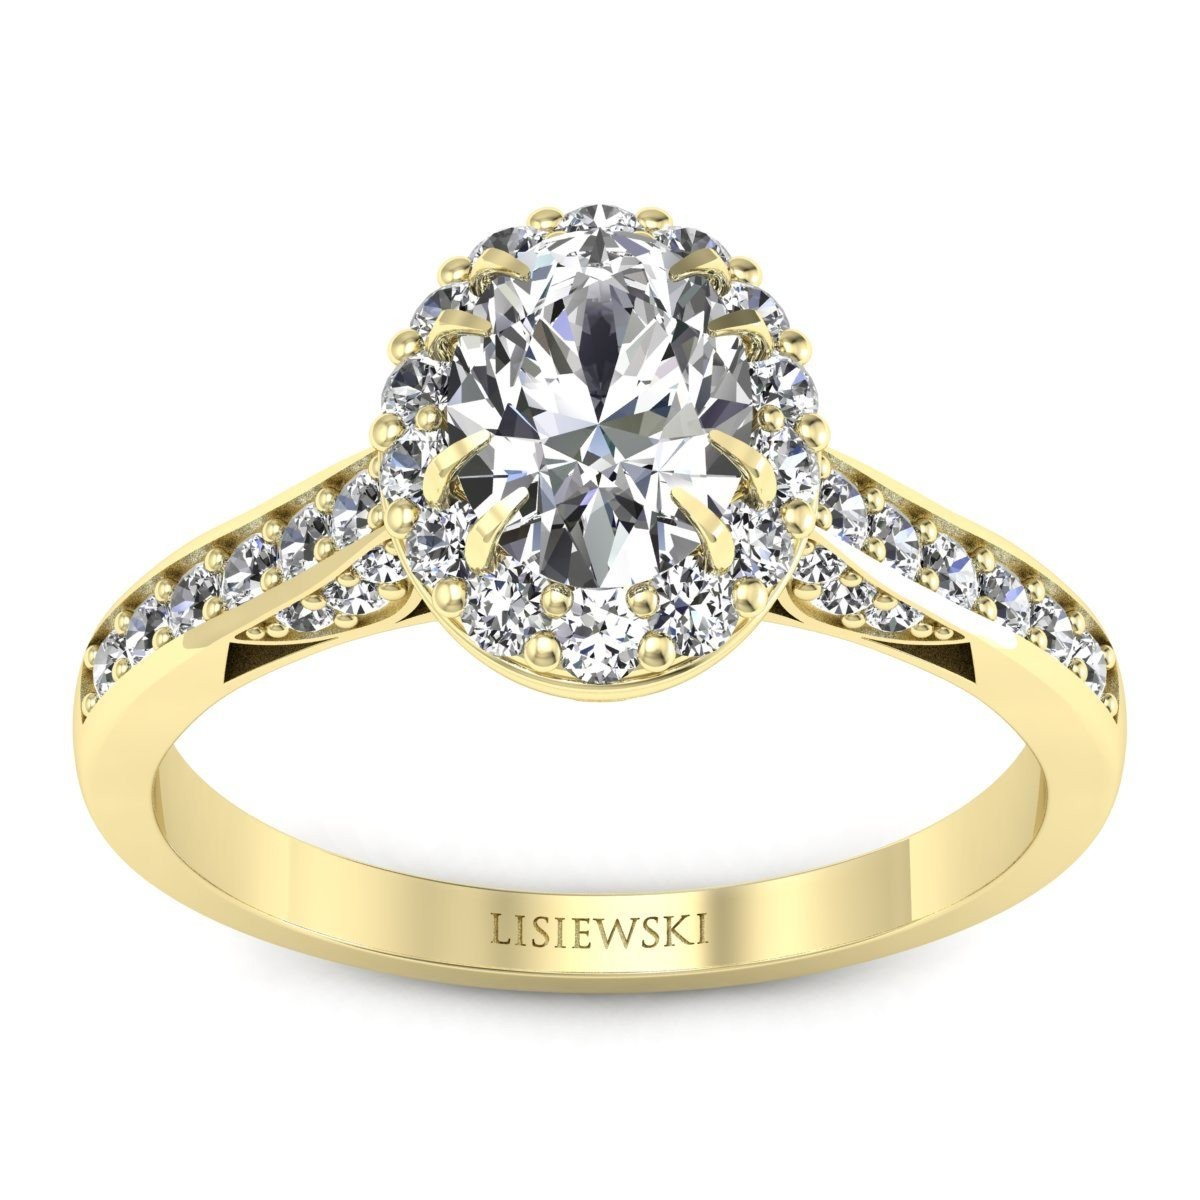 Caroline - Złoty pierścionek z diamentami